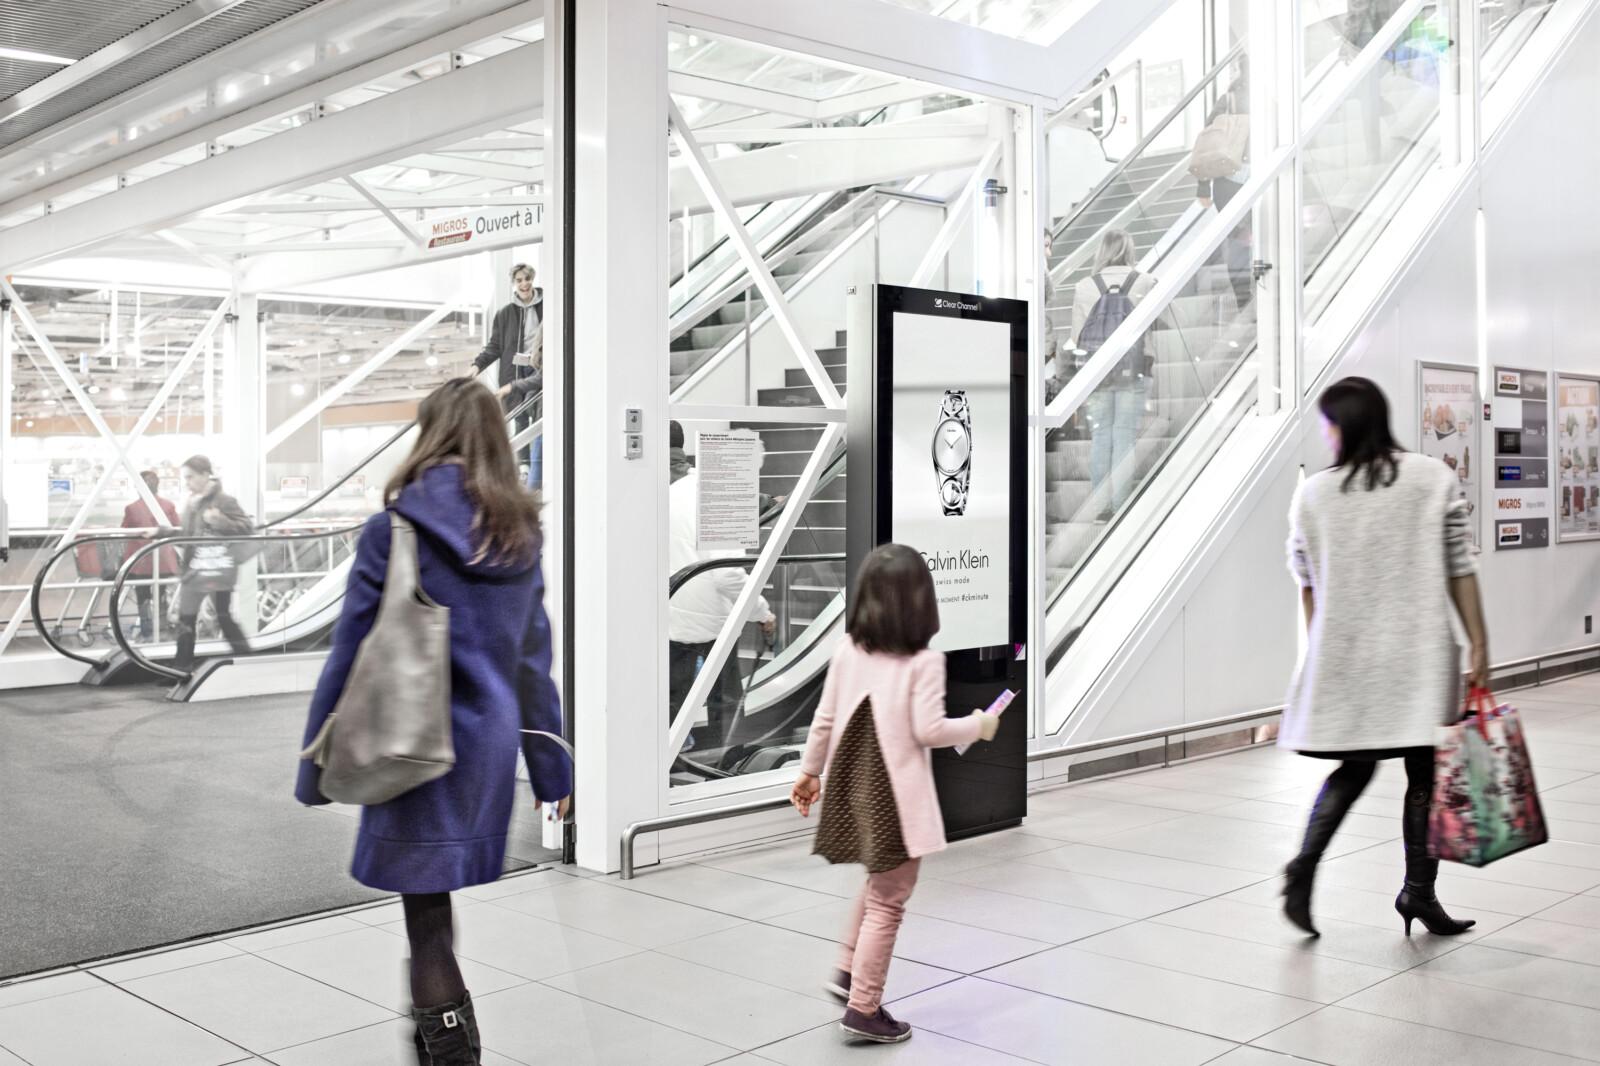 Poster nel centro commerciale - Pubblicità digitale sullo schermo del centro commerciale - Aumento delle vendite al POS con i poster - Elevata portata, flessibilità, controllo dinamico e adattamento dei motivi